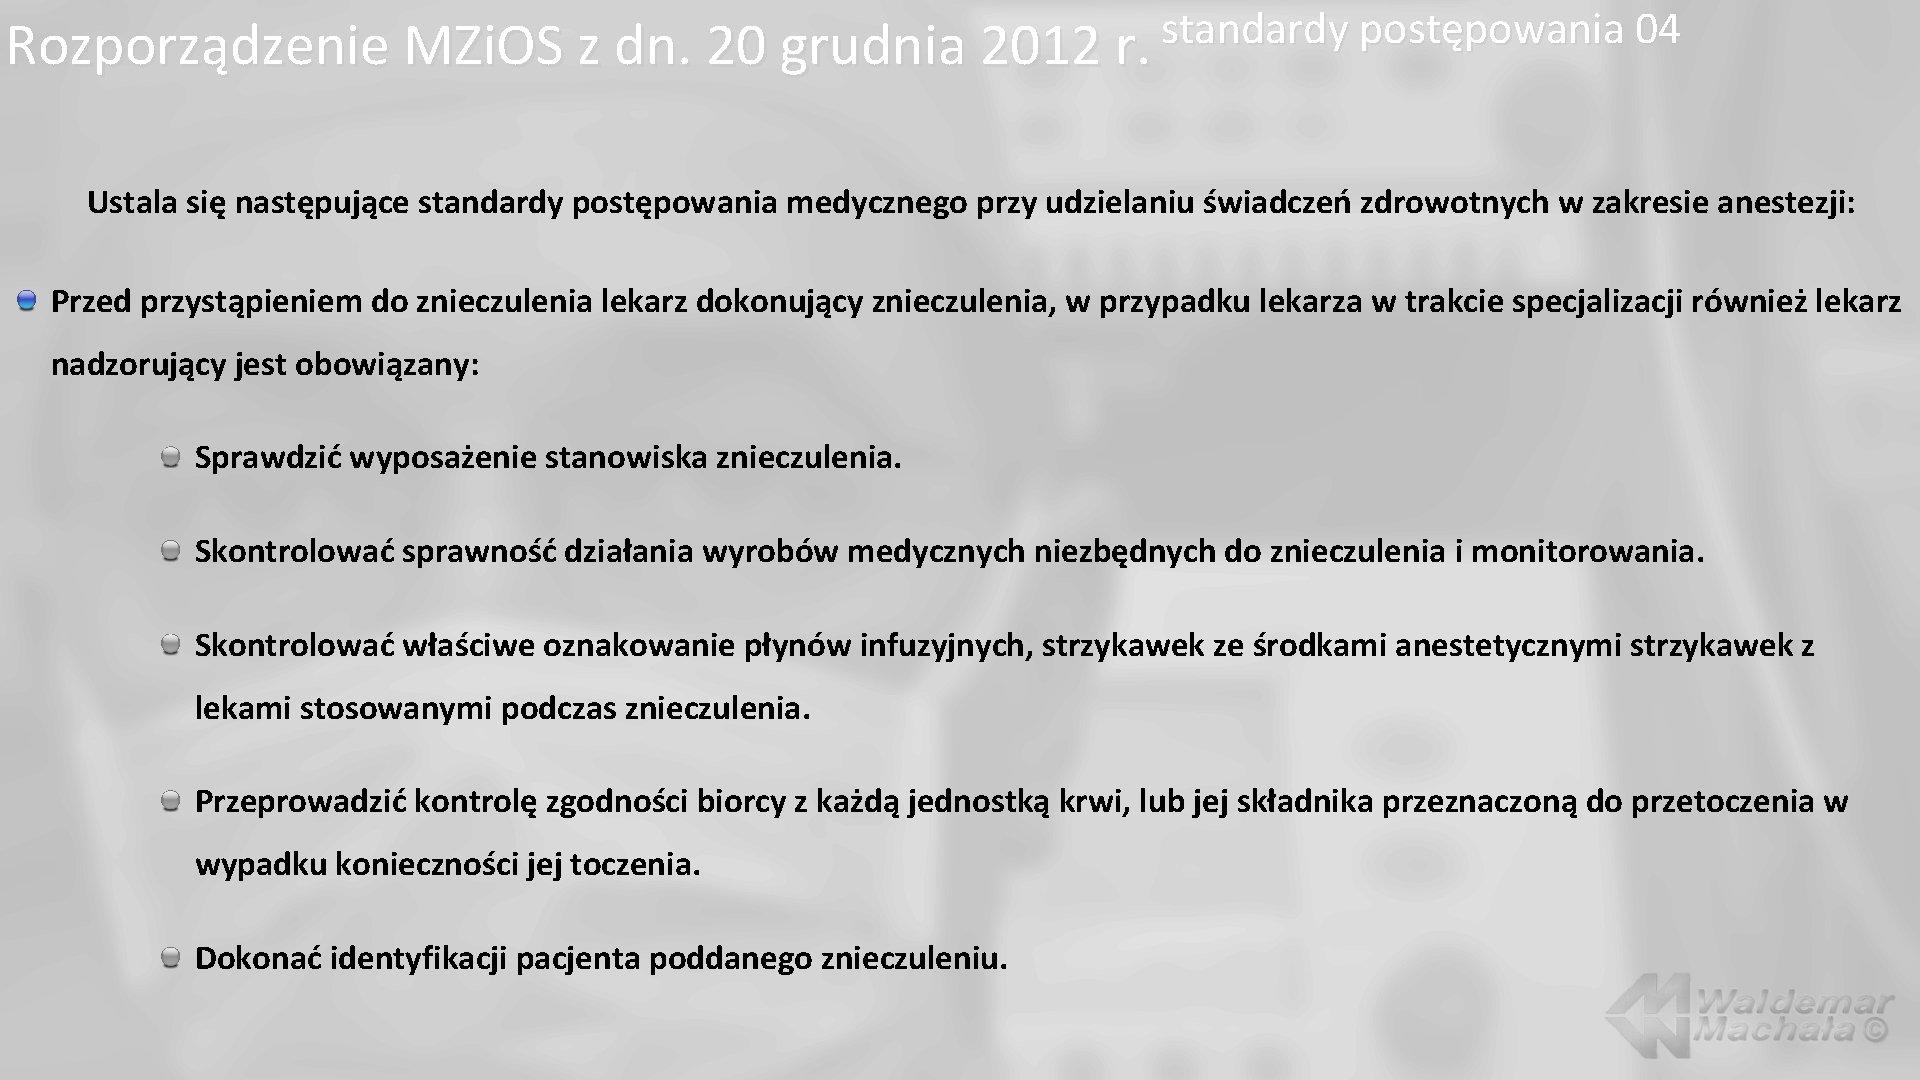 standardy postępowania 04 Rozporządzenie MZi. OS z dn. 20 grudnia 2012 r. Ustala się